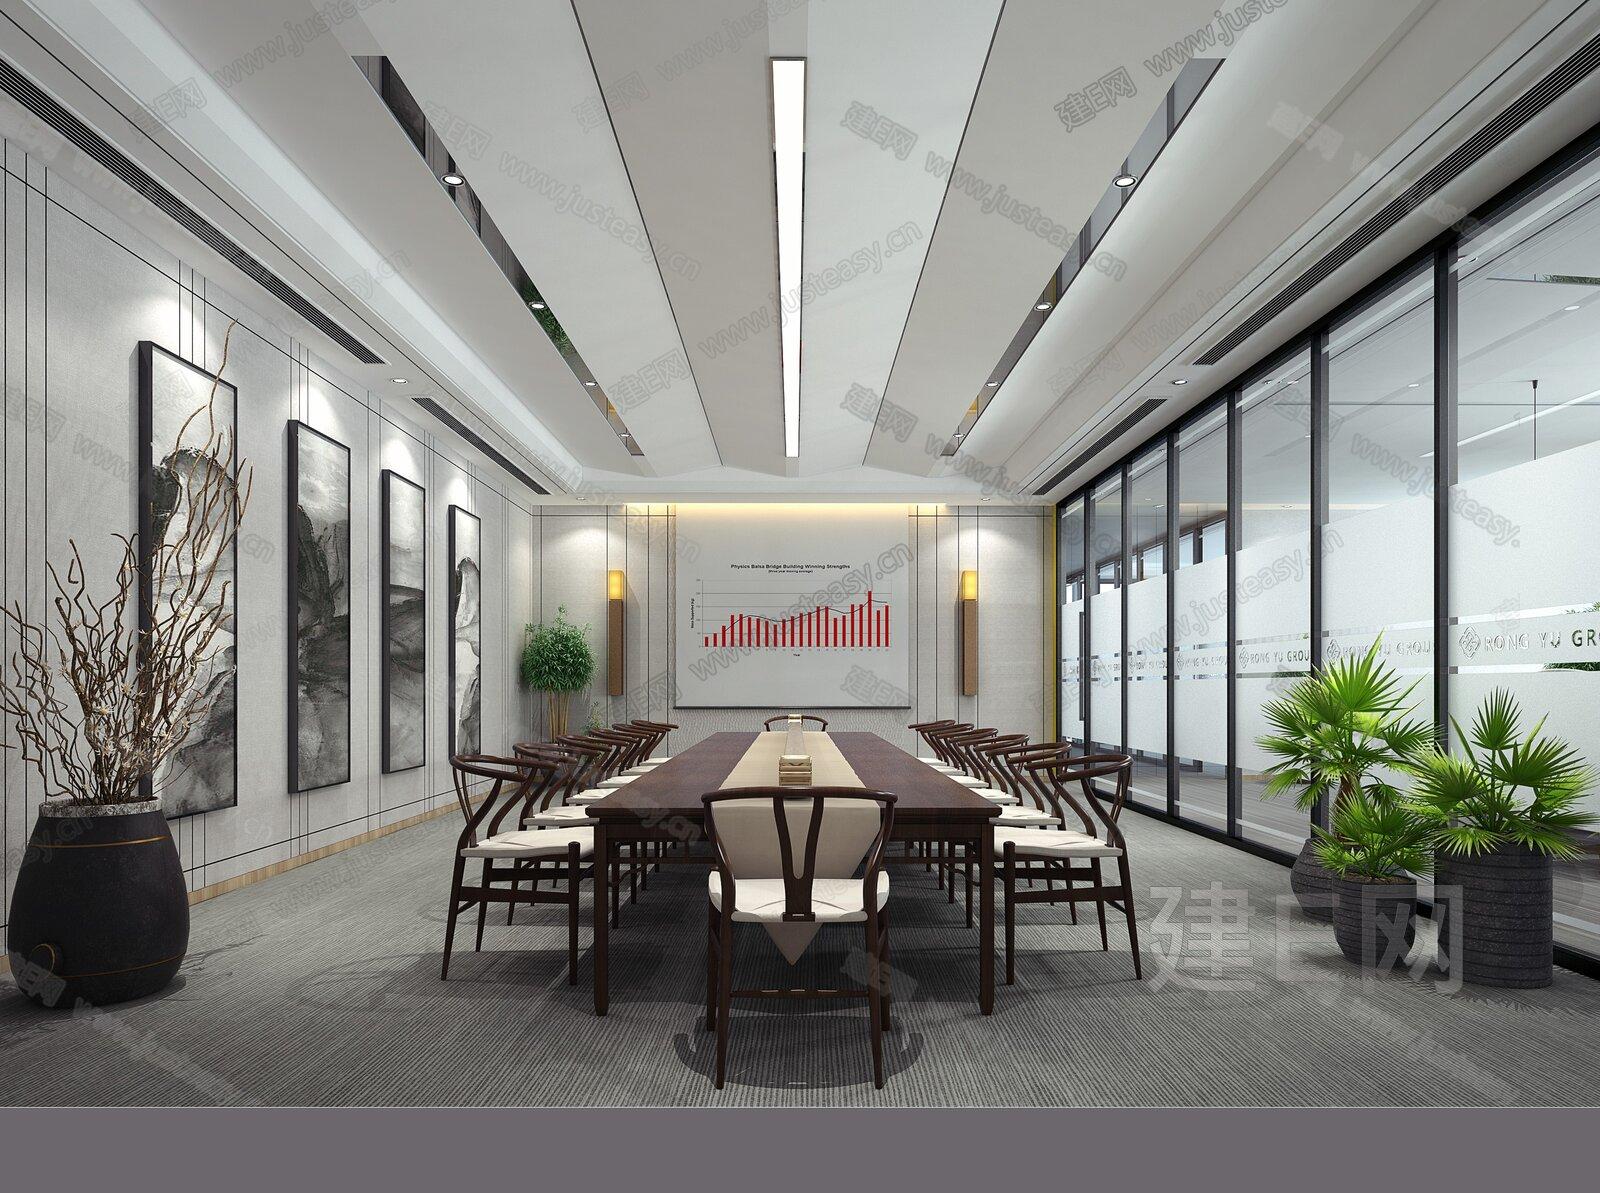 新中式会议室- 建e网3d模型分享交流平台-3d模型下载